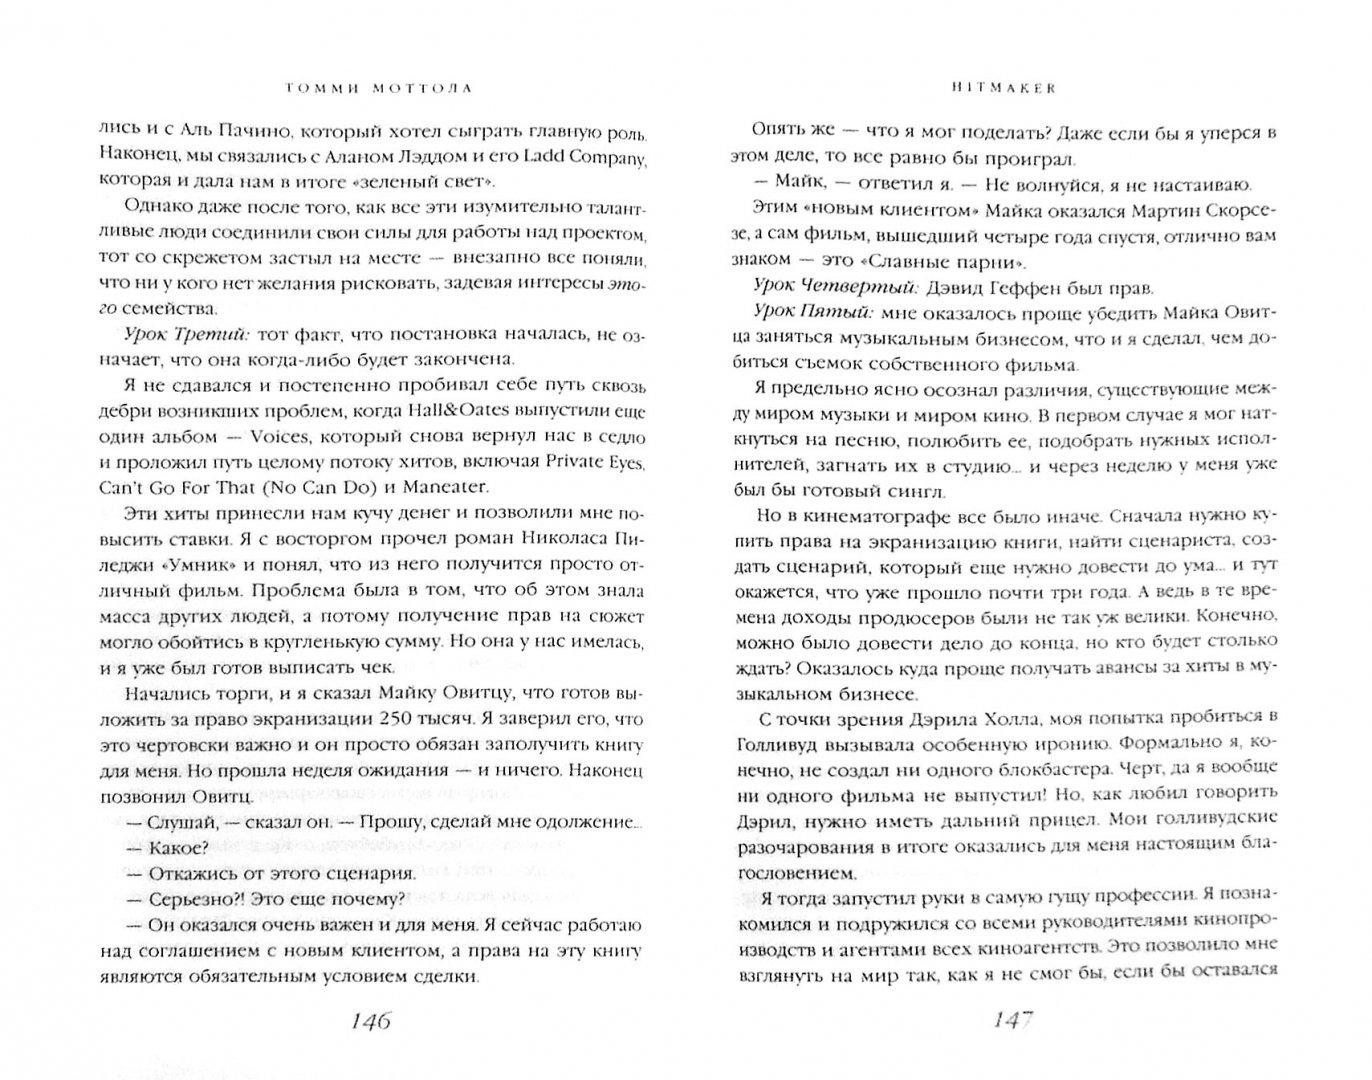 Иллюстрация 1 из 7 для Хитмейкер. Последний музыкальный магнат - Томми Моттола | Лабиринт - книги. Источник: Лабиринт